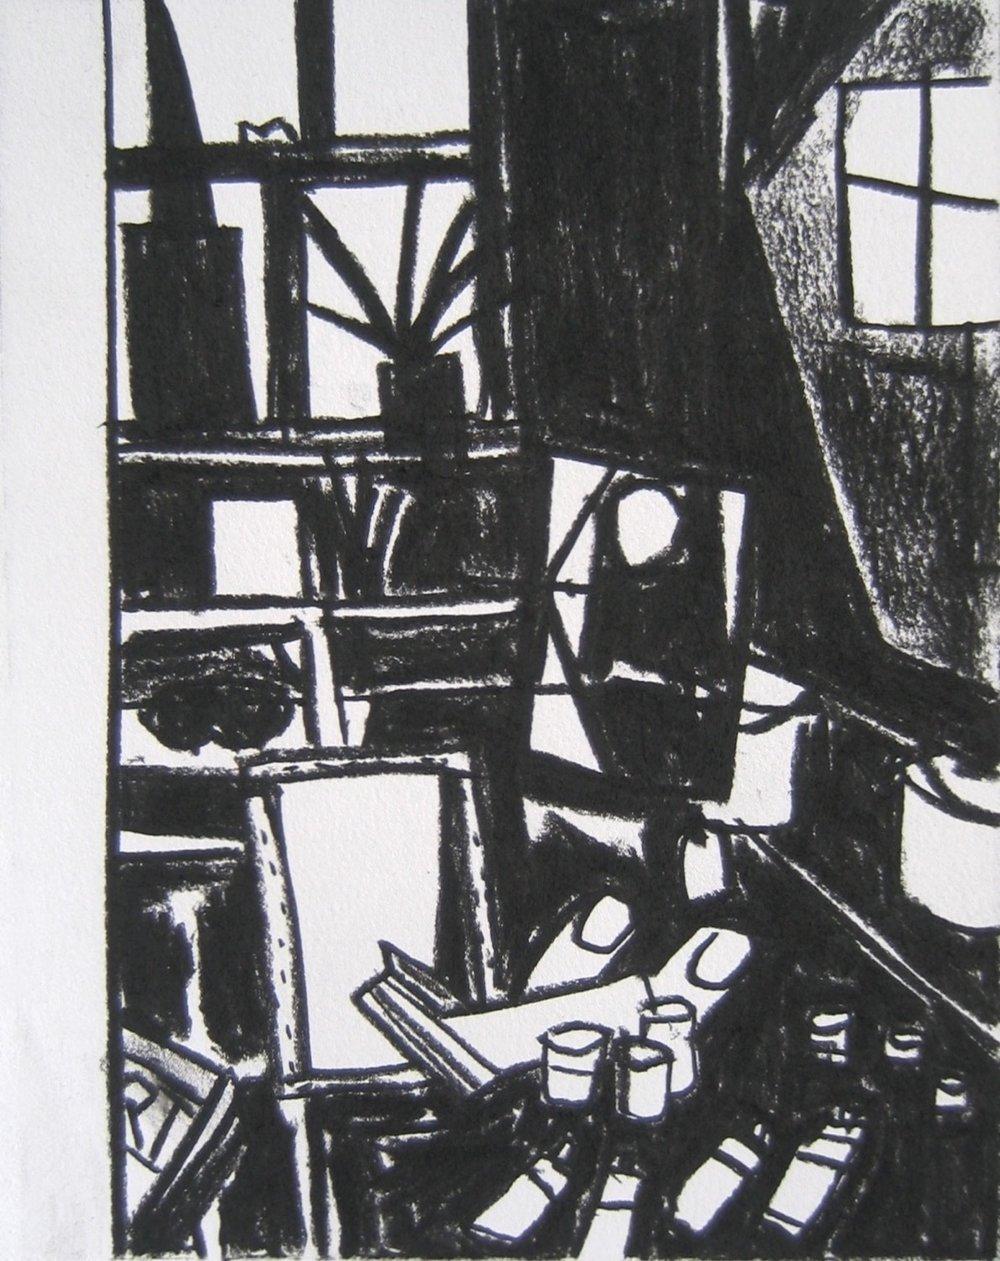 Hudson Drawings (2003-2006)